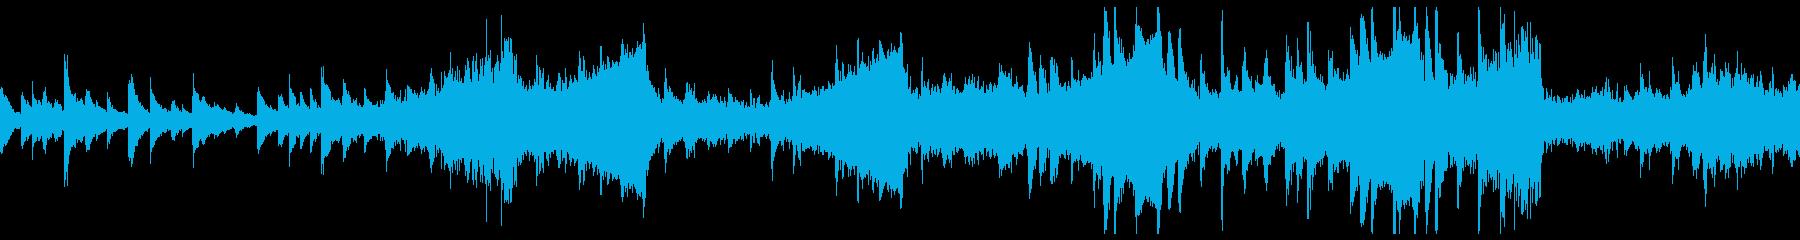 不安定な音程が特徴的の不気味ホラーBGMの再生済みの波形